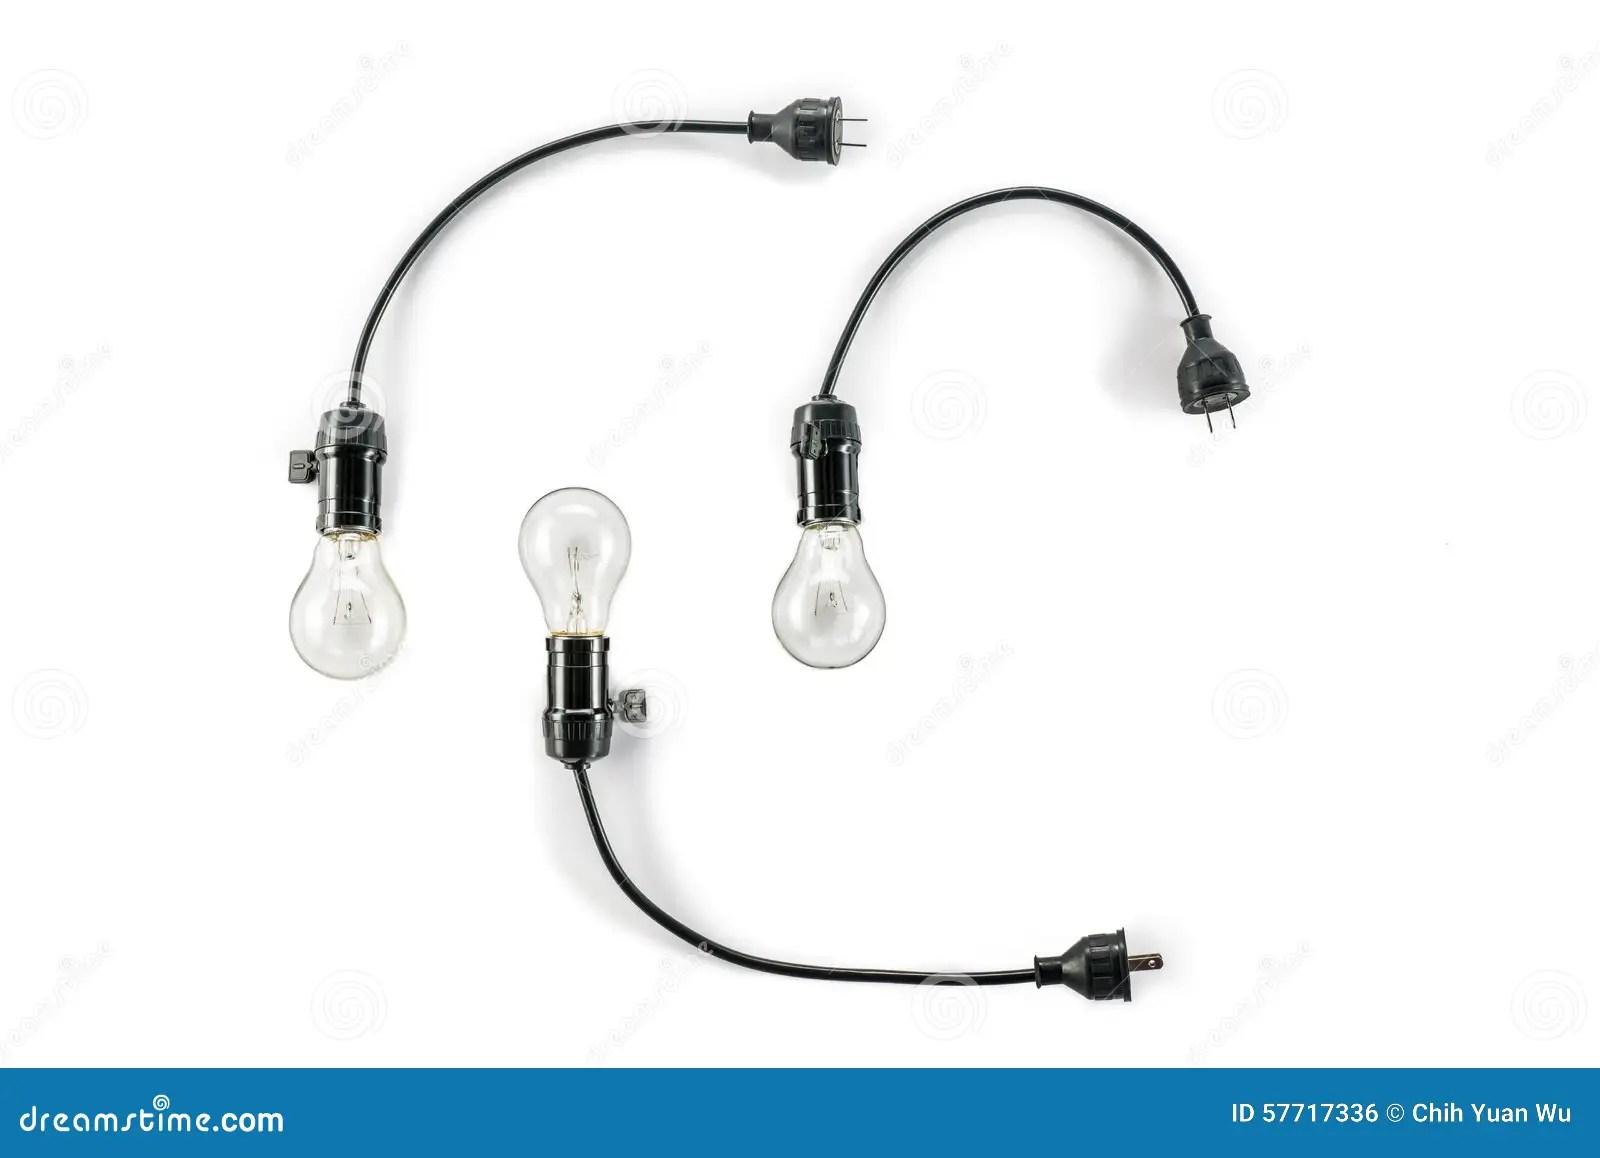 Three Light Bulb Cartoon Vector